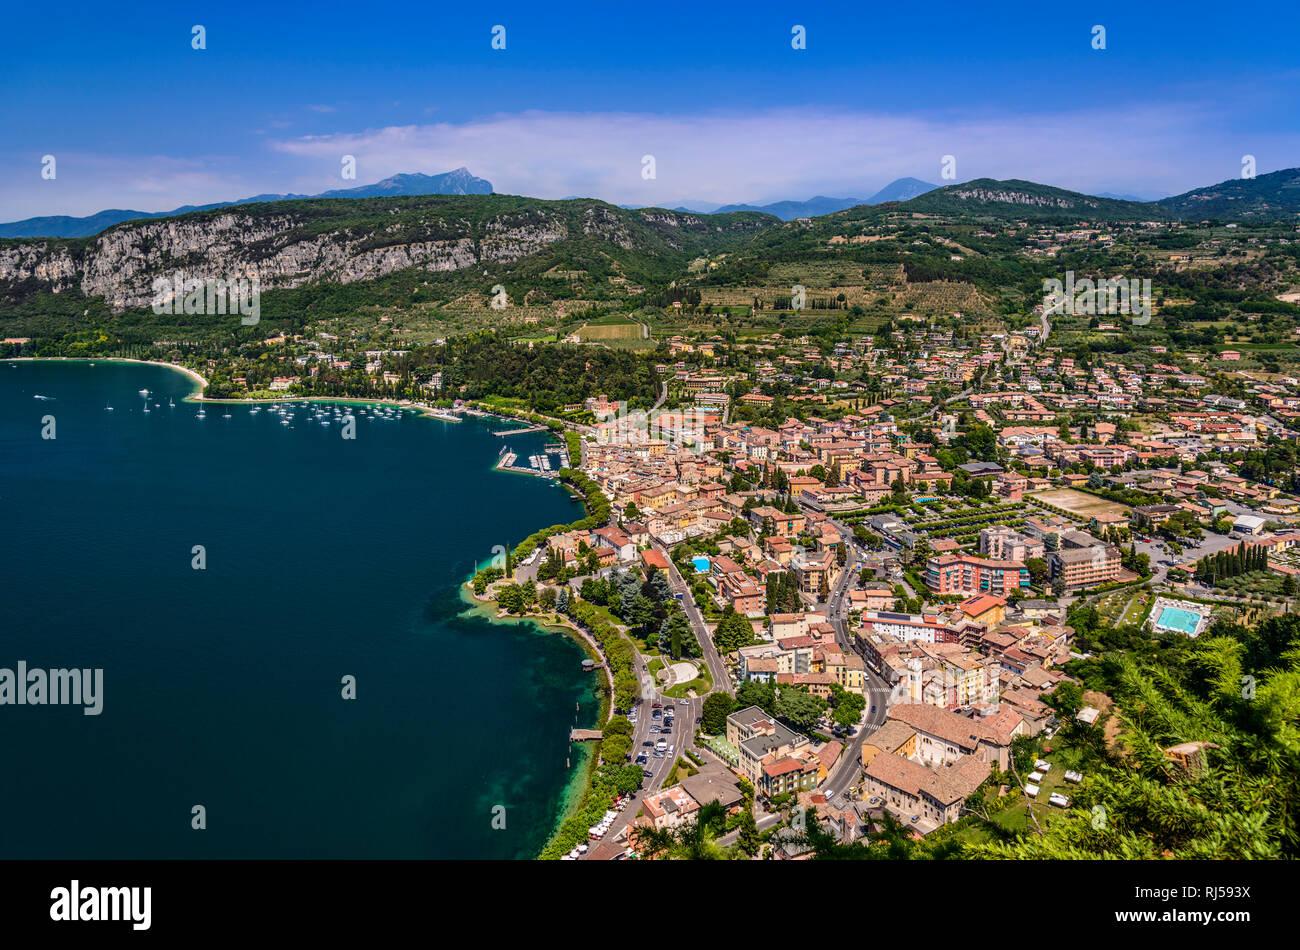 Italien, Venetien, Gardasee, Garda, Ortsansicht, Blick von Tafelberg Rocca Vecchia - Stock Image